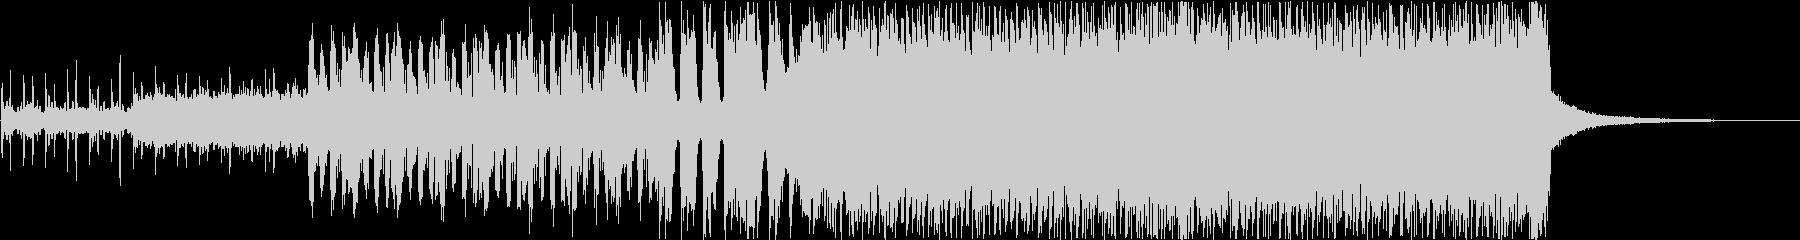 デジロック風ハードコアサウンドの未再生の波形